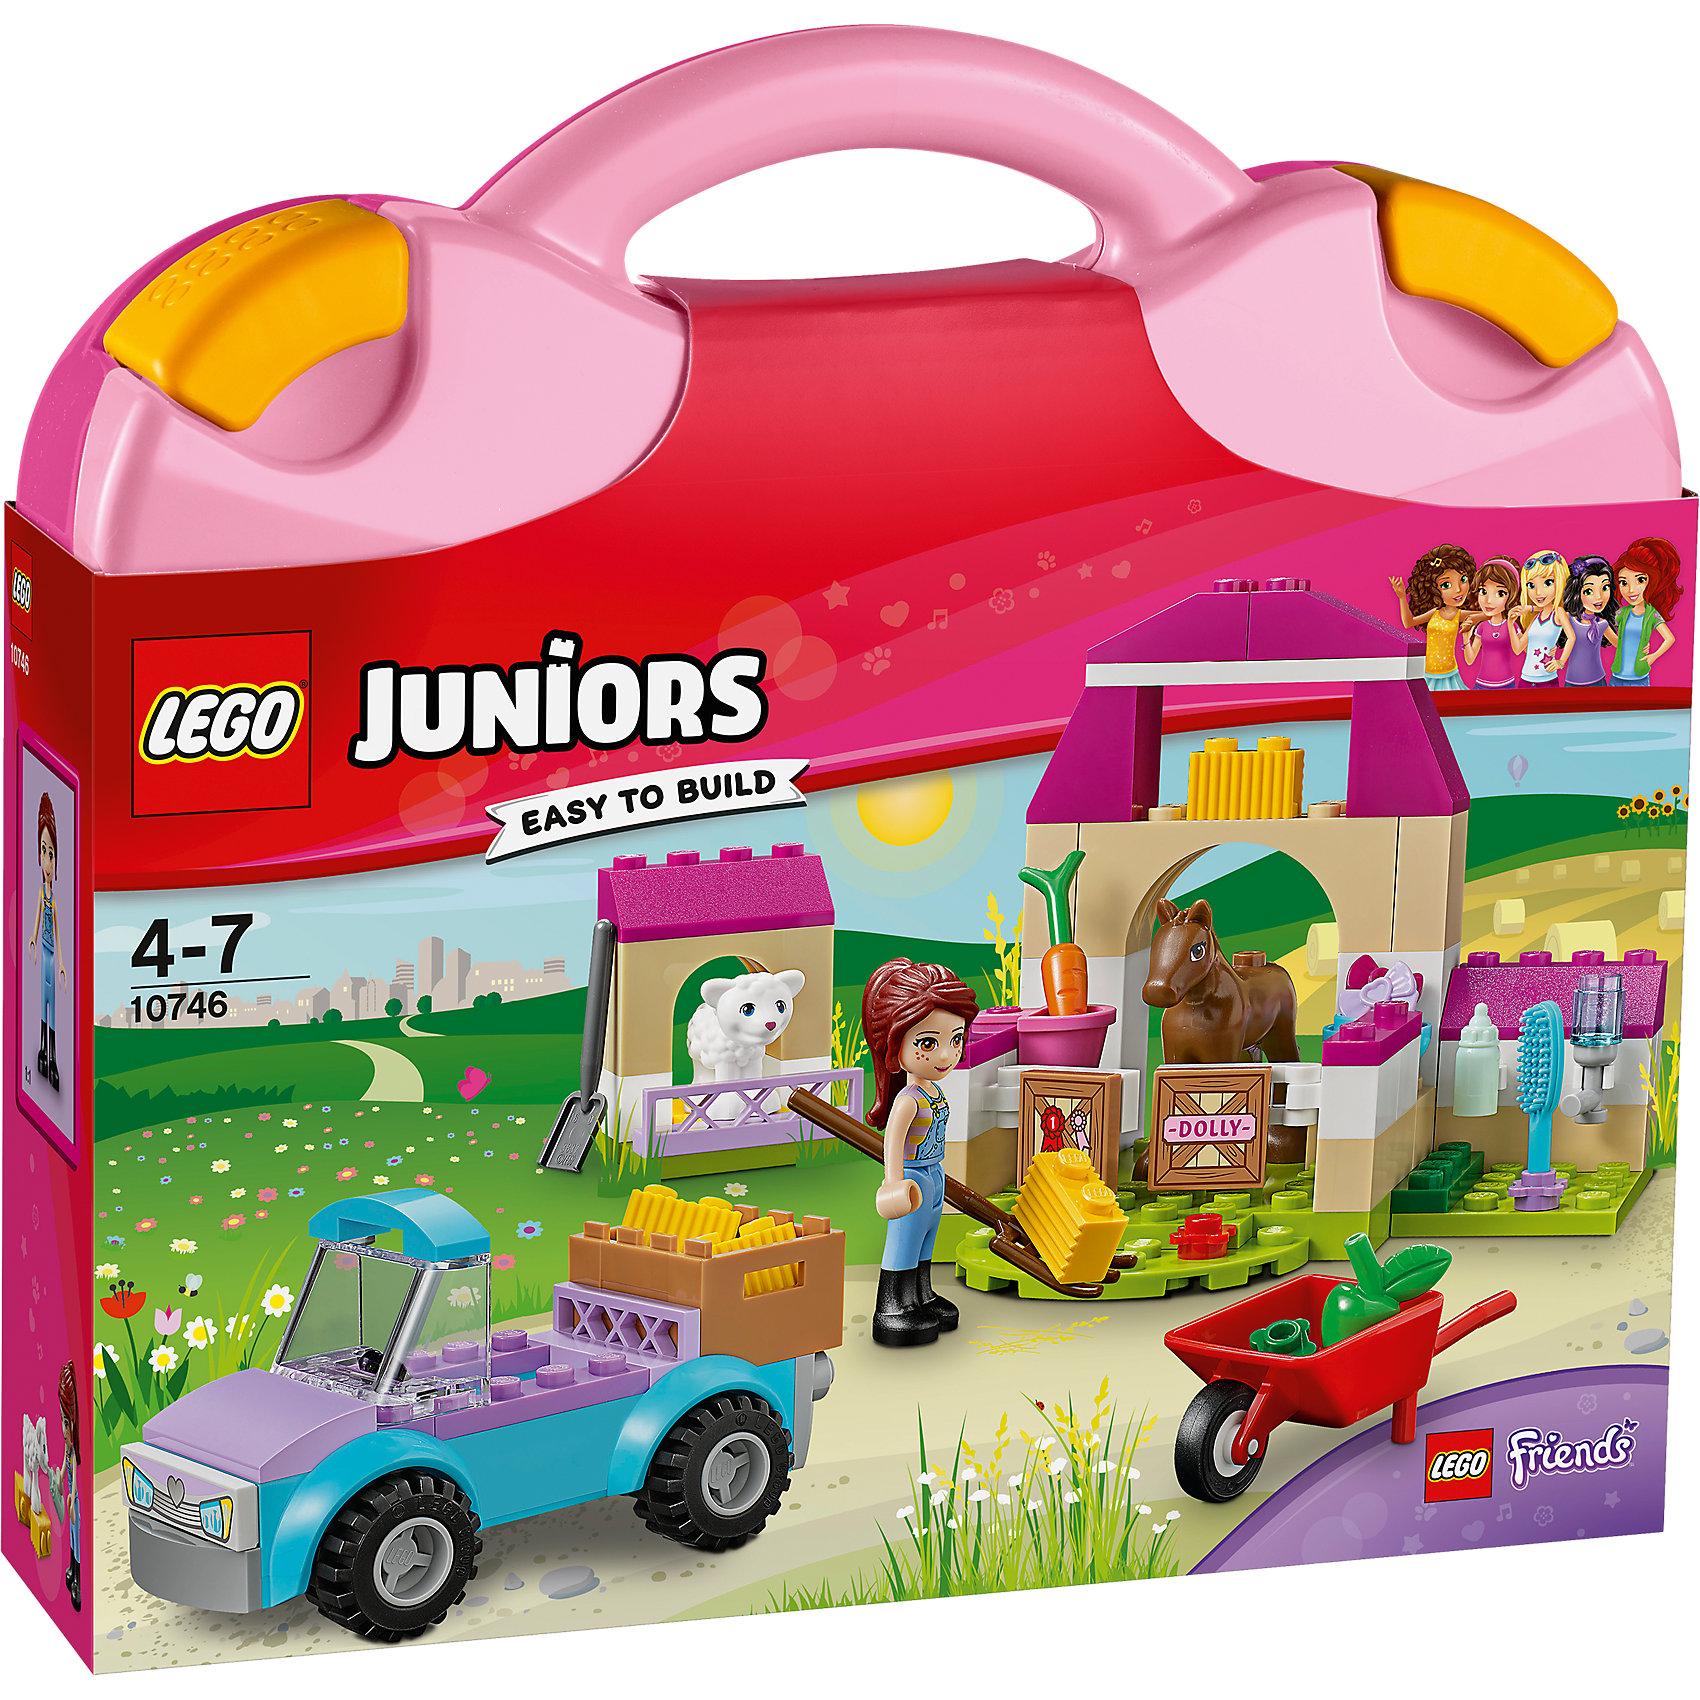 LEGO Juniors 10746: Чемоданчик «Ферма Мии»LEGO Juniors 10746: Чемоданчик «Ферма Мии»<br><br>Характеристики:<br><br>- в набор входит: детали машины, фермы, 2 фигурки животных, фигурка девочки, аксессуары, красочная инструкция<br>- состав: пластик<br>- количество деталей: 100 <br>- размер чемоданчика: 28 * 6 * 26 см.<br>- размер машины: 9 * 4 * 4 см.<br>- для детей в возрасте: от 4 до 7 лет<br>- Страна производитель: Дания/Китай/Чехия<br><br>Легендарный конструктор LEGO (ЛЕГО) представляет серию «Juniors» (Джуниорс) для новичков в строительстве из конструктора ЛЕГО. Набор «Ферма Мии» включает в себя все необходимое для игры в ферму. Трудолюбивая Мия выращивает на своей ферме лошадку и овечку. Она собирает урожай в небольшую тачку с помощью вил и лопаты и кормит зверей яблоками, морковью и сеном. Ее ферма оснащена всем необходимым для ухода за животными, специальные поилки, бутылочка для еще маленькой овечки, расческа для гладкой и шелковистой шерстки. Мия планирует отвезти животных на фермерскую выставку и получить там первые места. В набор входят два бантика для смены прически девочки. Все детали набора легко собираются и в них можно уже играть. Благодаря удобному пластиковому чемоданчику на защелках конструктор можно эргономично хранить. Играя с конструктором ребенок развивает моторику рук, воображение и логическое мышление. Придумывайте новые игры с набором LEGO «Juniors»!<br><br>Конструктор LEGO Juniors 10746: Чемоданчик «Ферма Мии» можно купить в нашем интернет-магазине.<br><br>Ширина мм: 284<br>Глубина мм: 266<br>Высота мм: 71<br>Вес г: 736<br>Возраст от месяцев: 48<br>Возраст до месяцев: 84<br>Пол: Женский<br>Возраст: Детский<br>SKU: 5002507